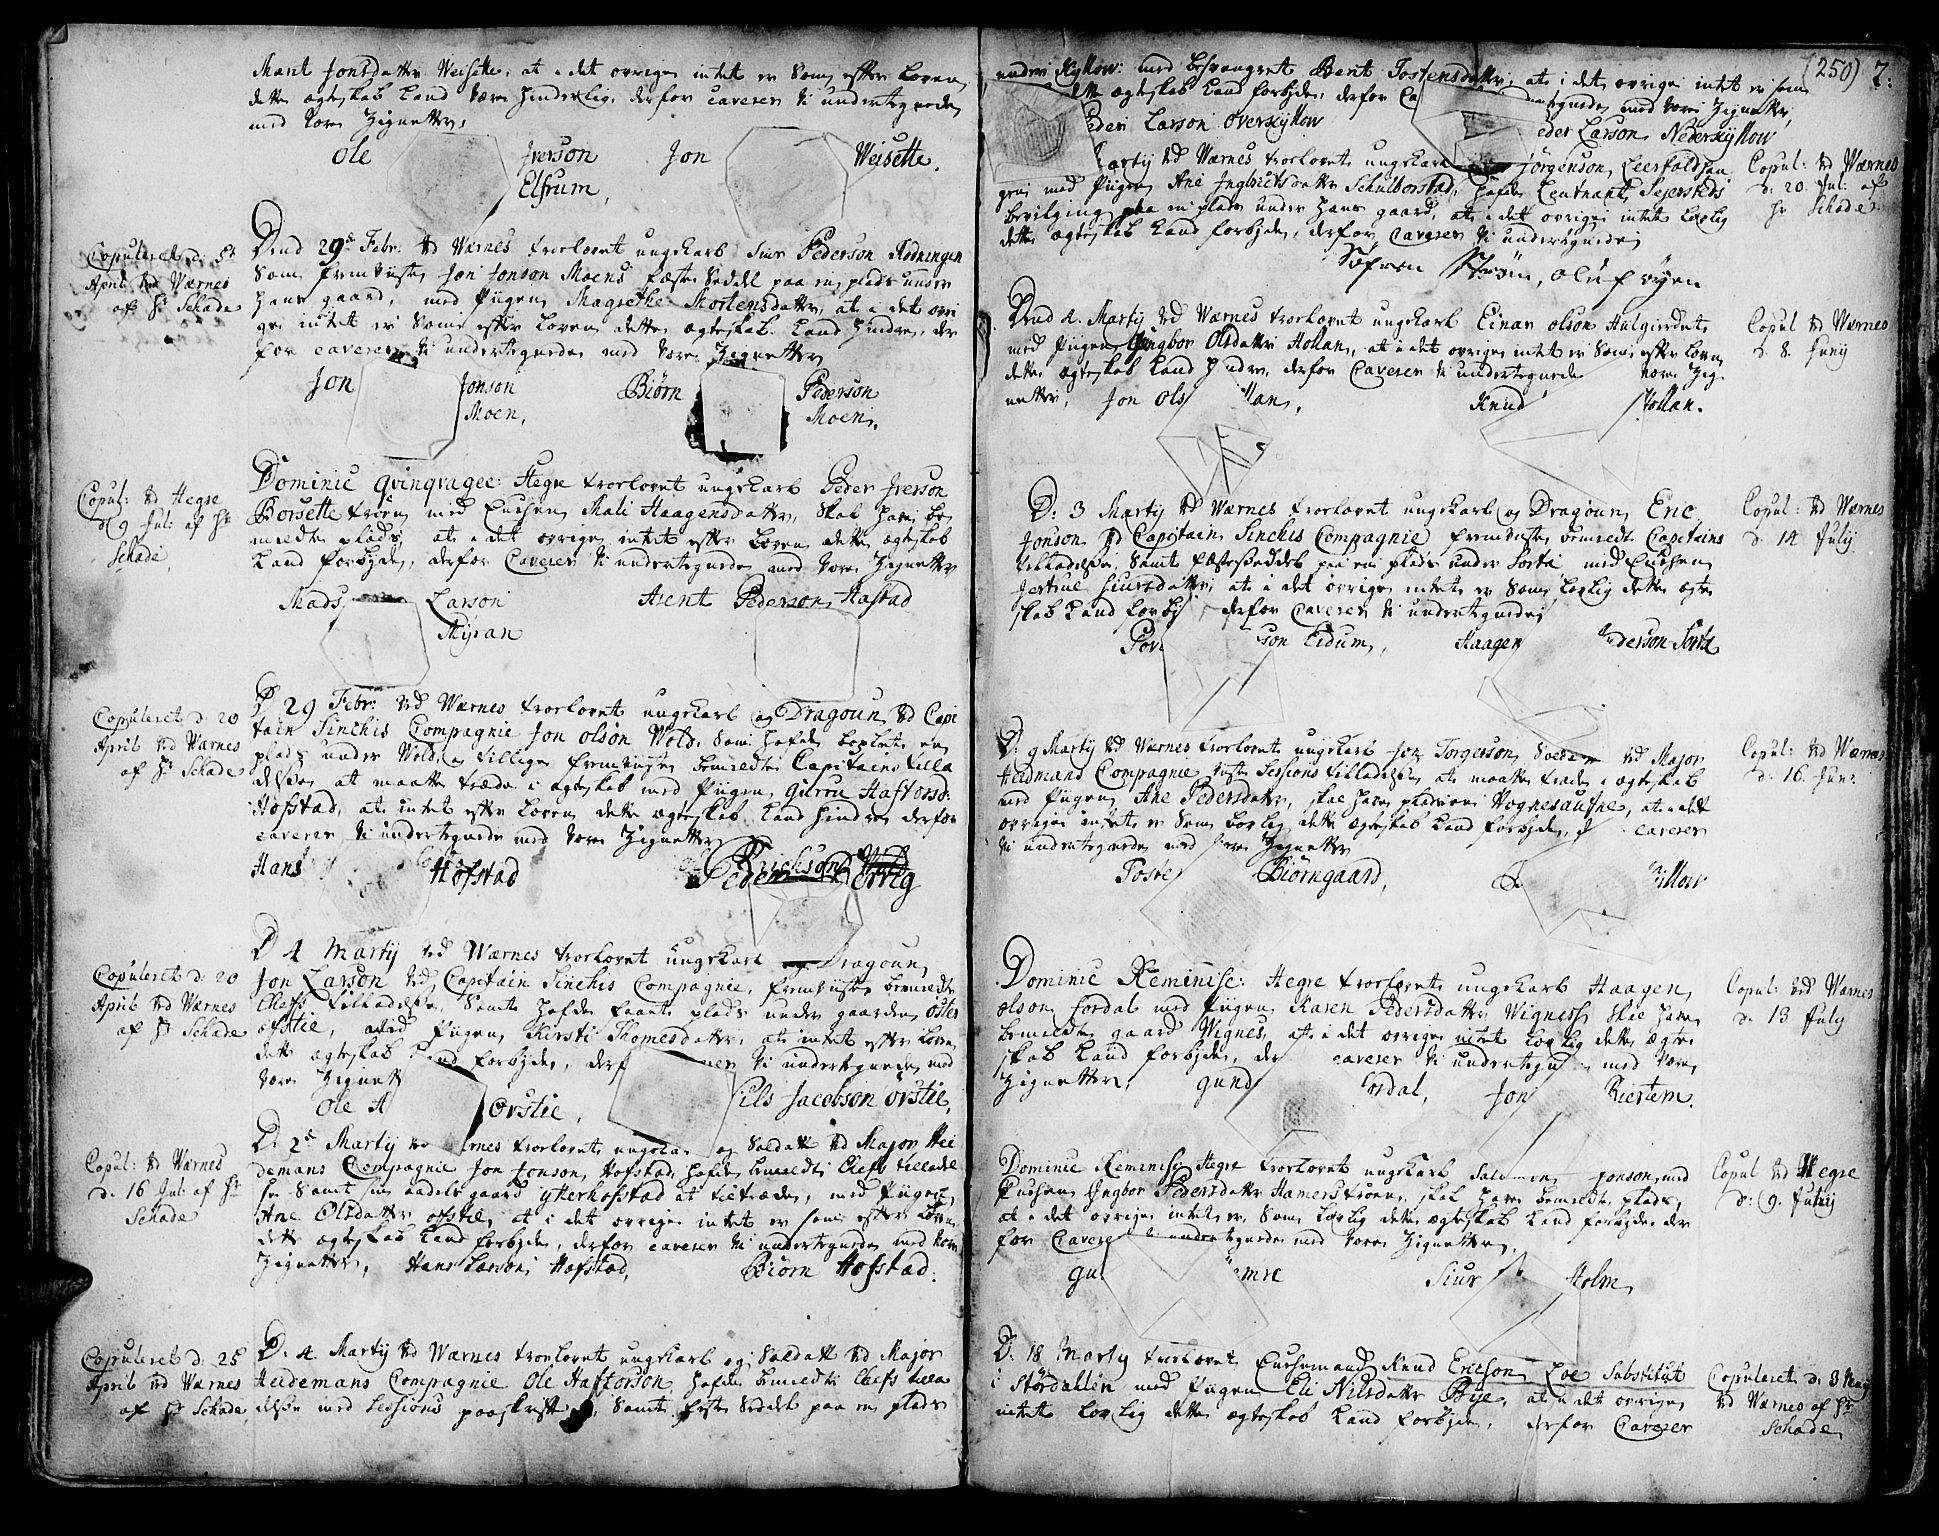 SAT, Ministerialprotokoller, klokkerbøker og fødselsregistre - Nord-Trøndelag, 709/L0056: Ministerialbok nr. 709A04, 1740-1756, s. 250